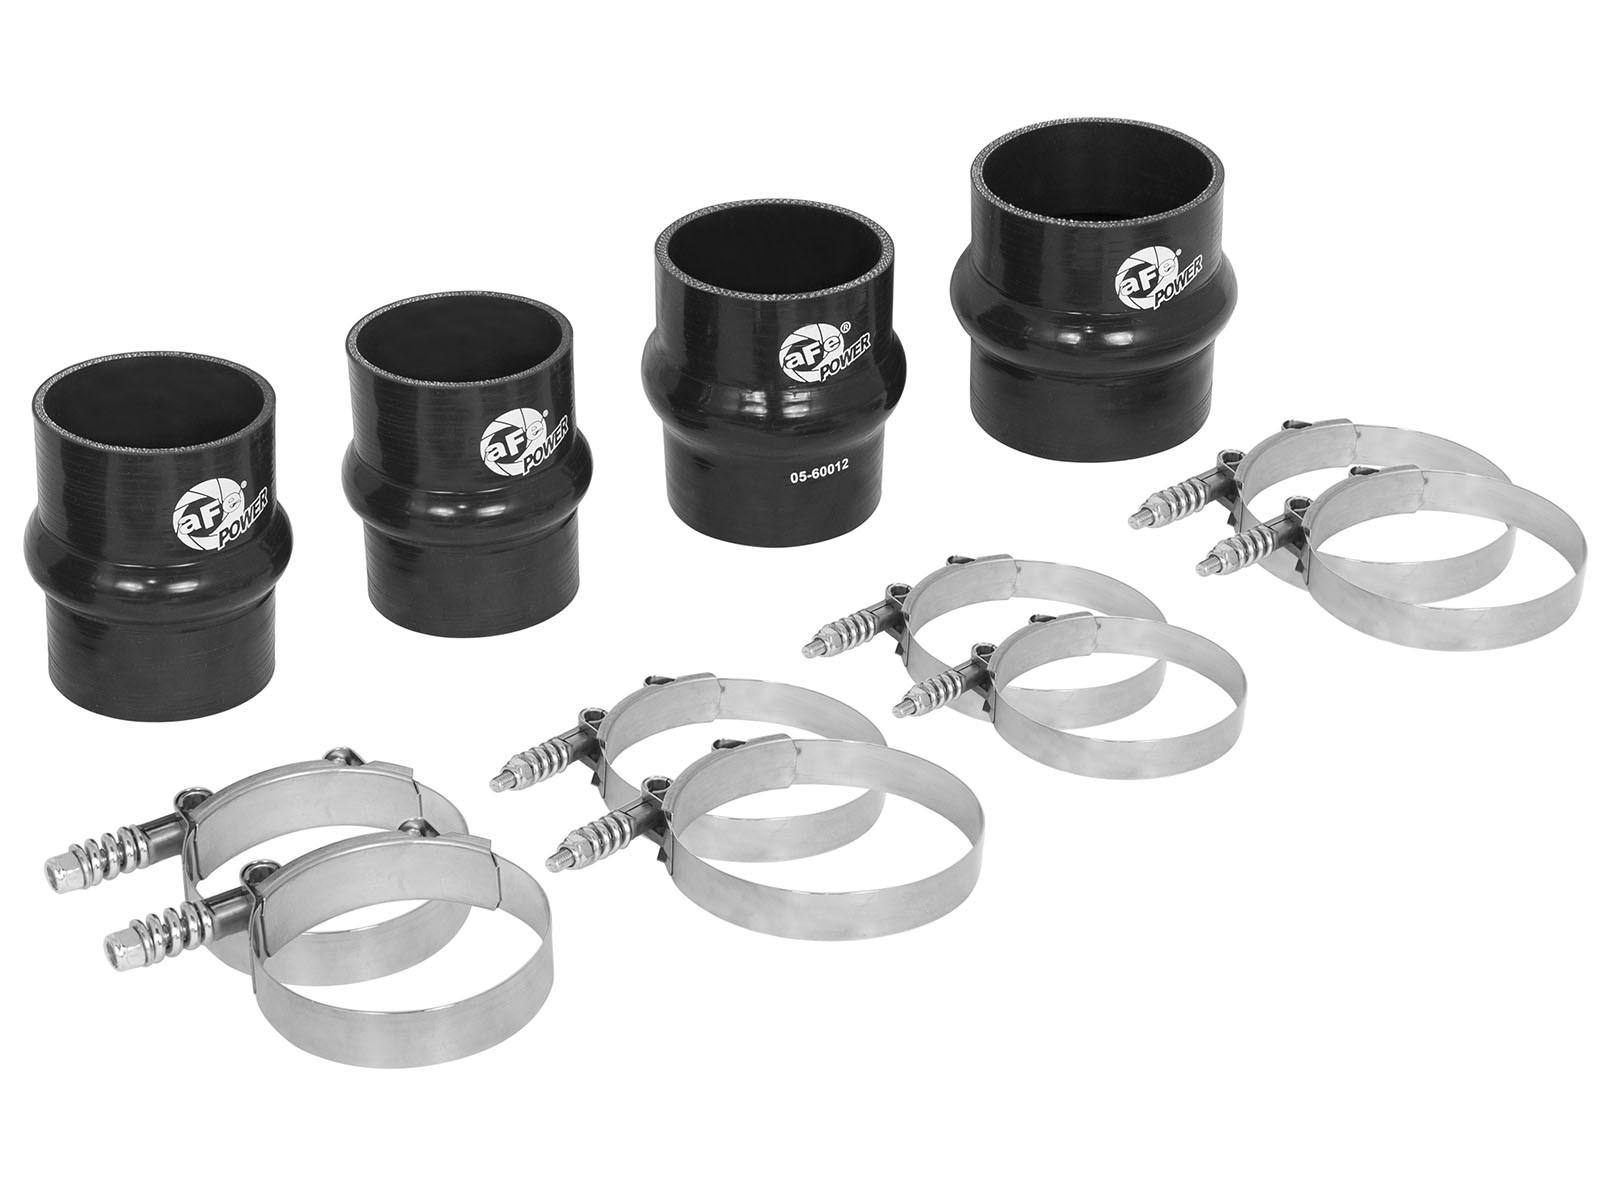 aFe POWER 46-20080AS BladeRunner Intercooler Couplings & Clamps Kit; Factory Intercooler & aFe Tubes